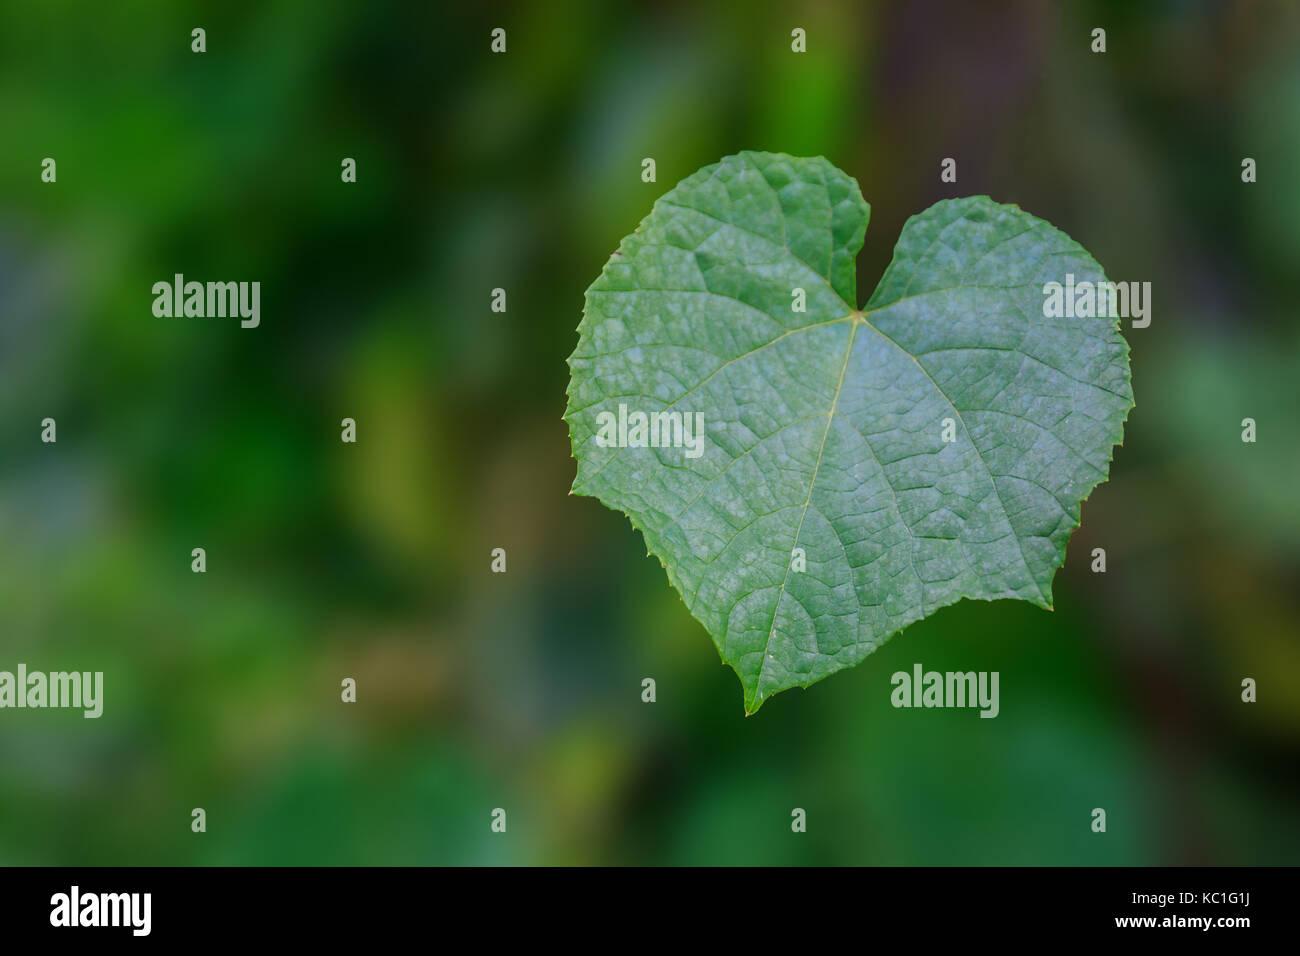 Foglia verde a forma di cuore con sfondo sfocato. Foto Stock